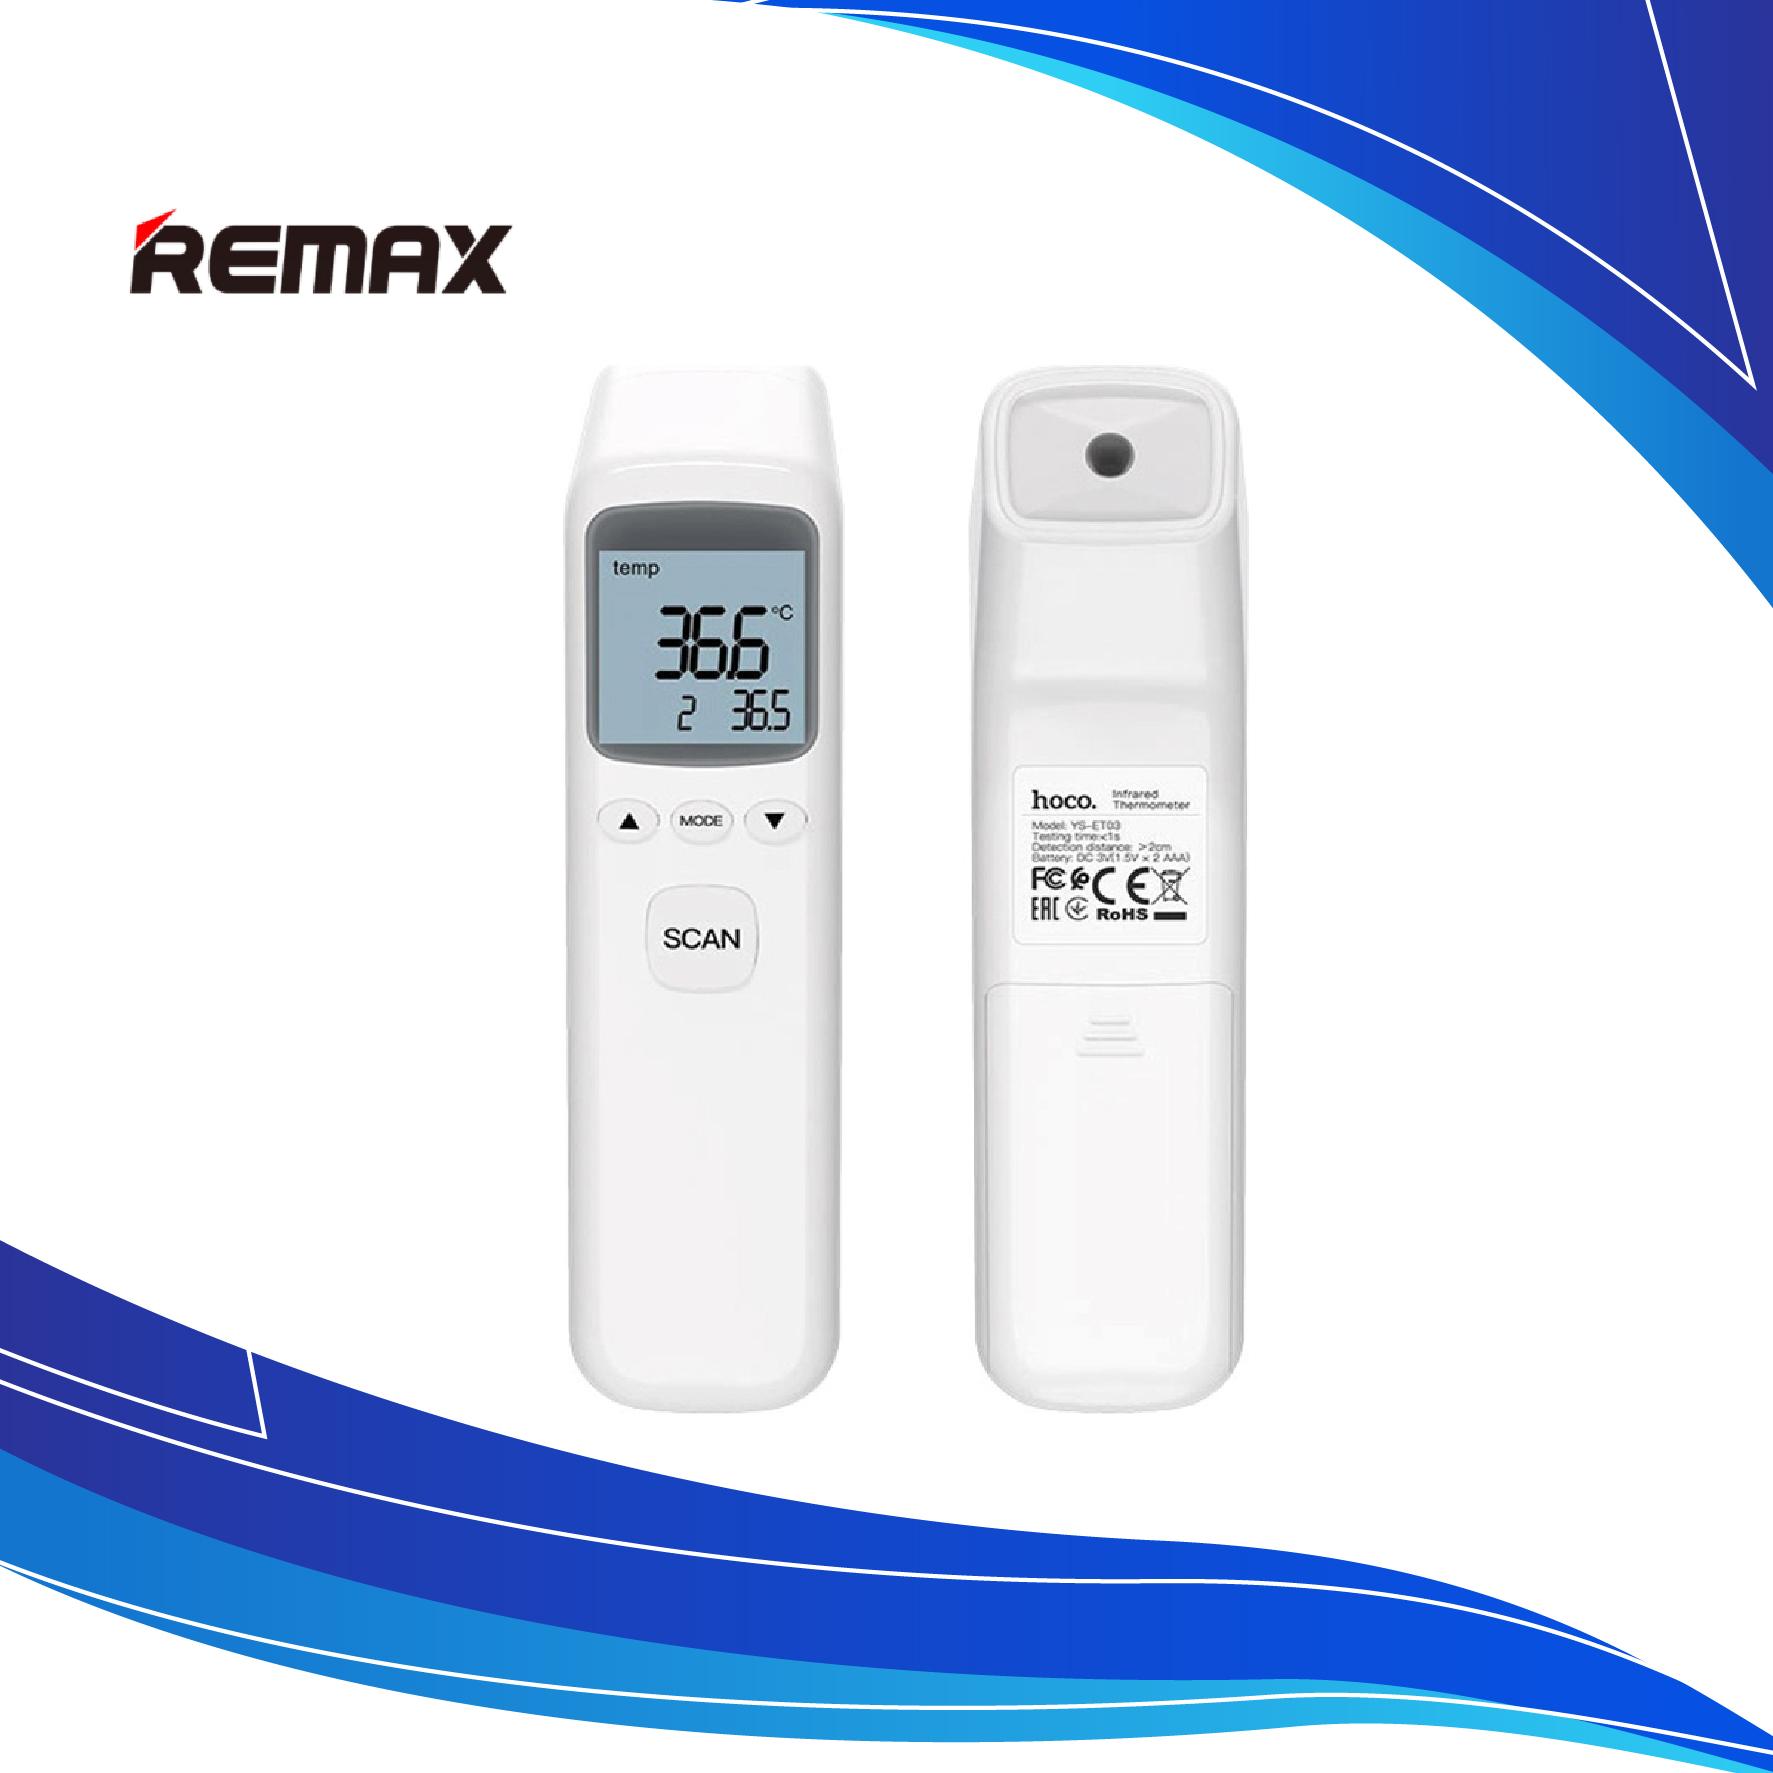 Termometro Infrarrojo Digital Sin Contacto Remax Ys Et03 Bucaramanga La temperatura ambiente que se nos representa puede no ser exacta, debido a las condiciones de nuestro dispositivo, para tomar la temperatura ambiente. termometro infrarrojo digital sin contacto remax ys et03